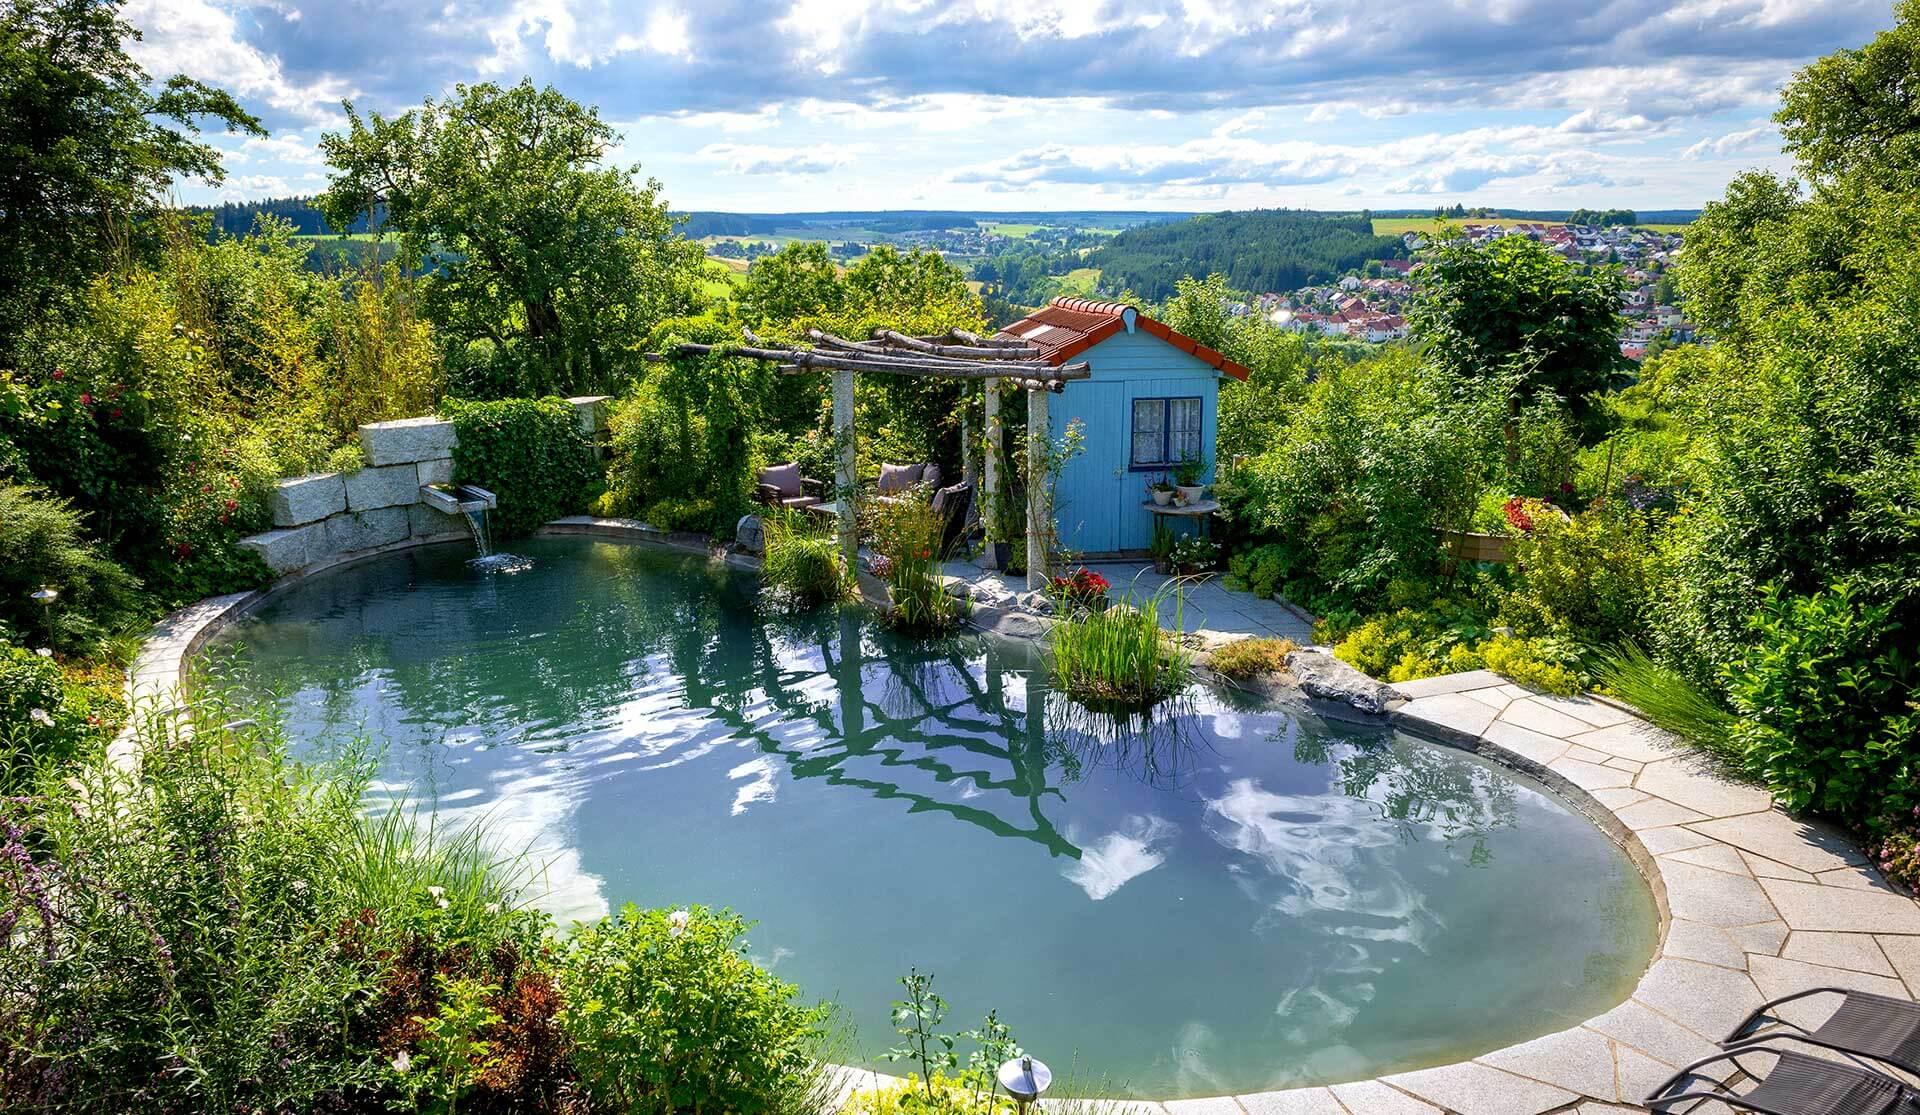 Bild von einem Schwimmteich im Garten in Niedereschach